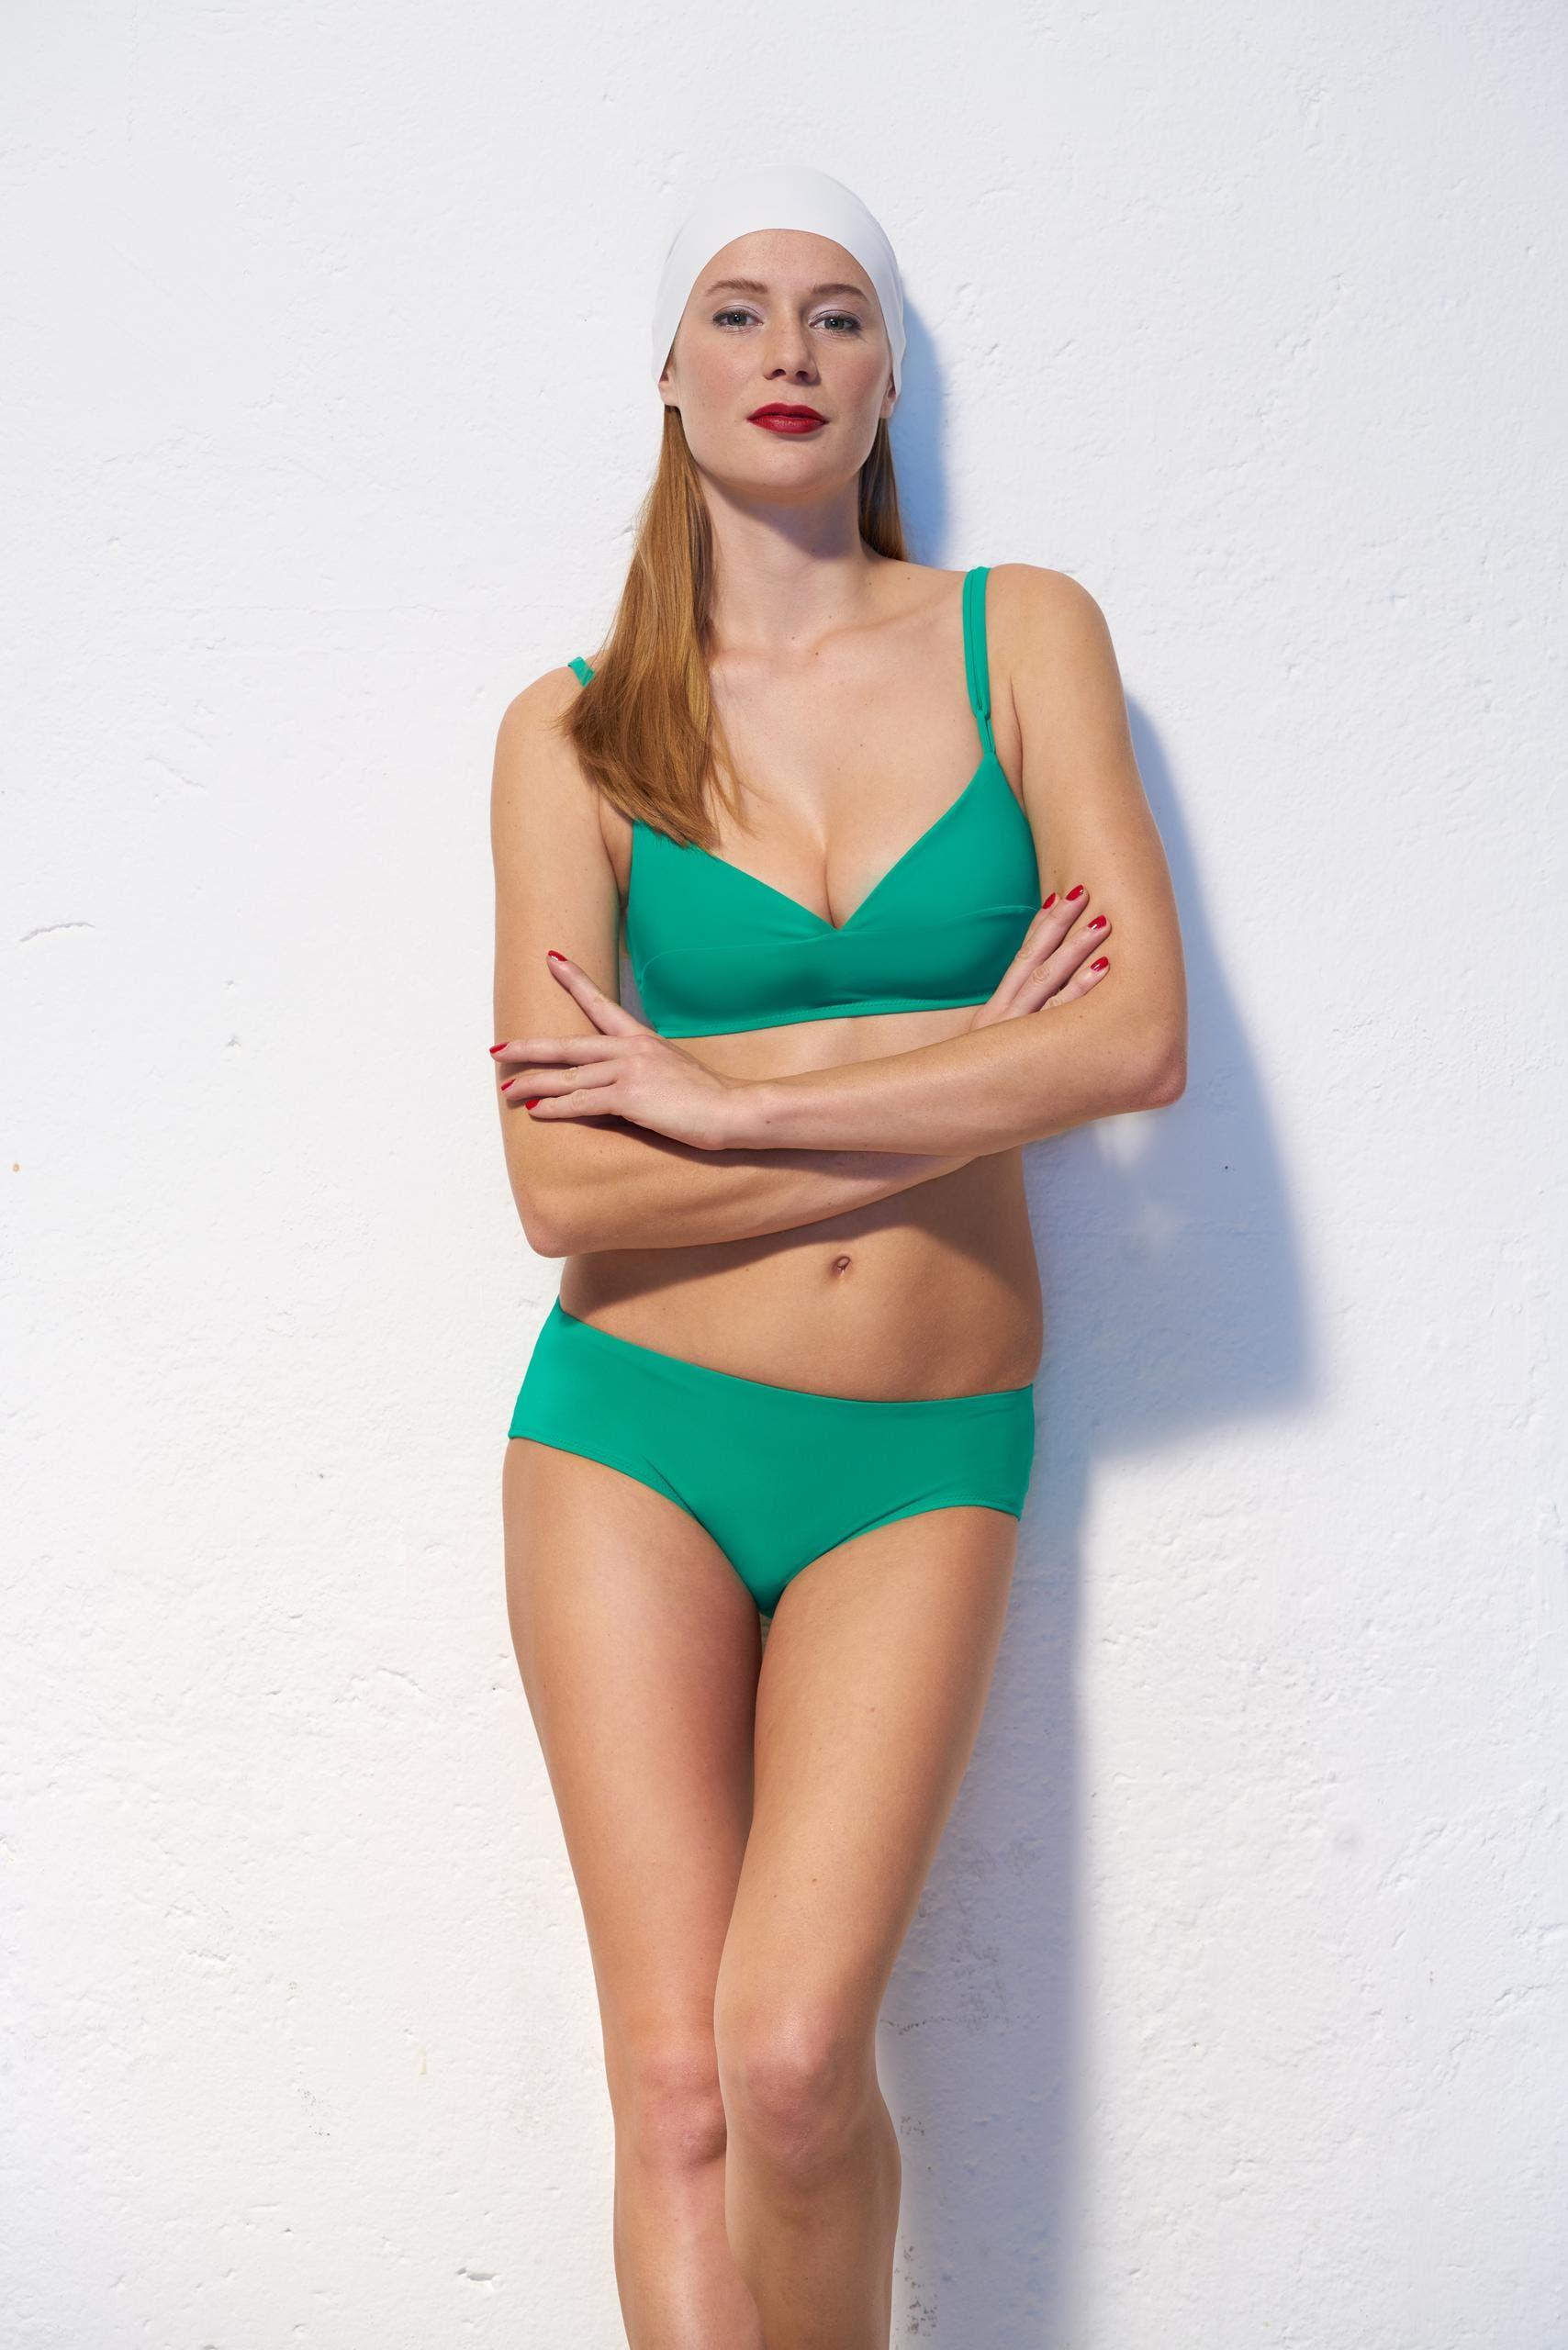 Sportlich-elegant und in einem frischen Grün: Cross-Bikini, von Nathalie Schweizer. (Bild: PD)